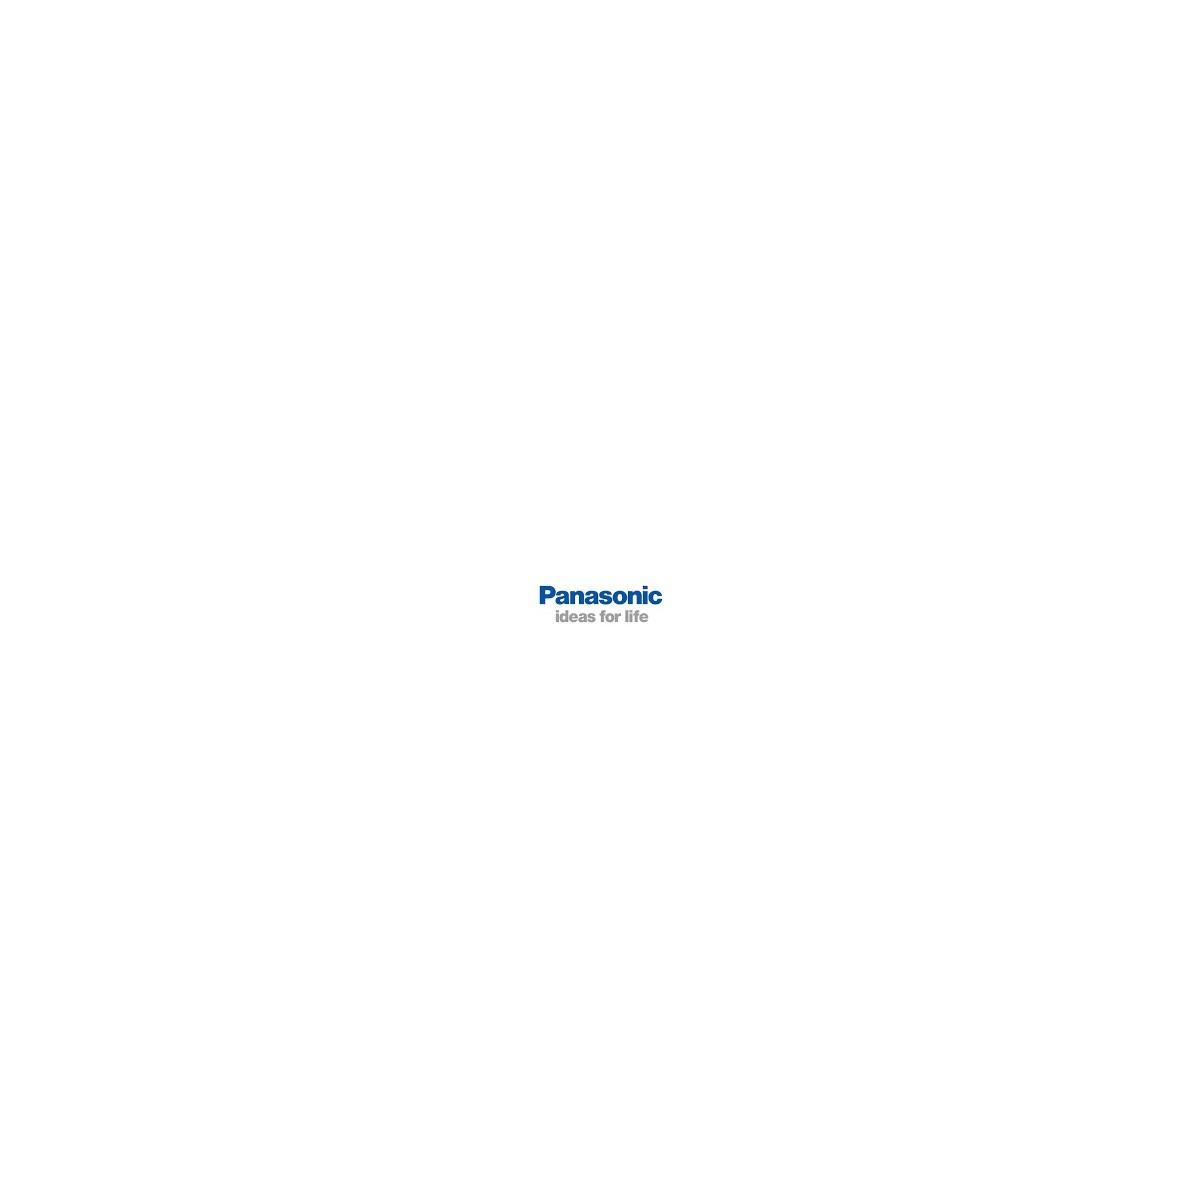 Panasonic Mobile Softphone chiave di attivazione ‐ 5 utenti